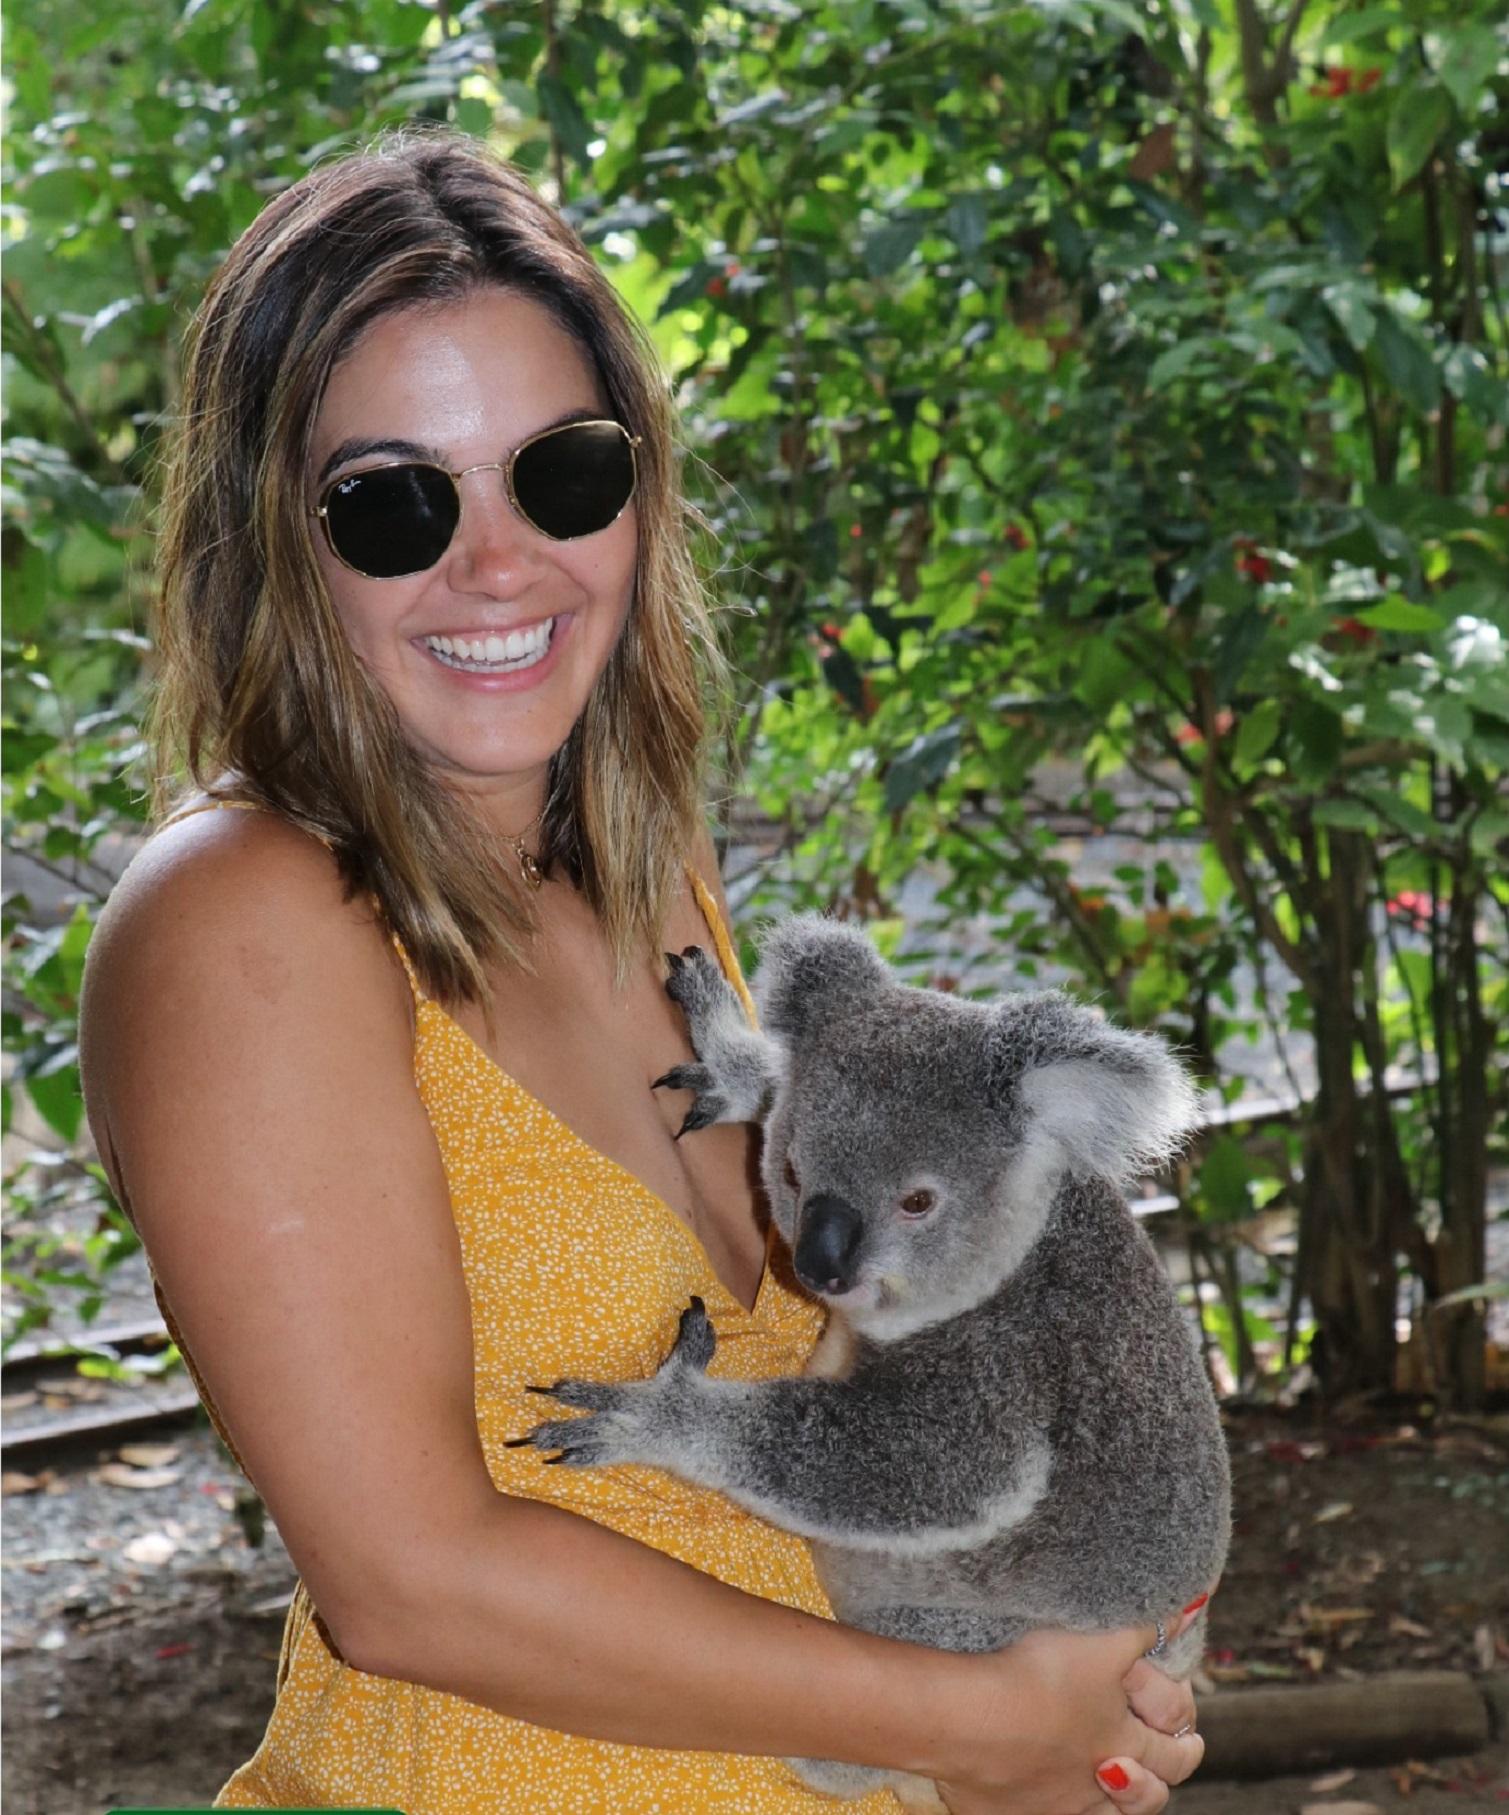 Look do Dia Vestido Amarelo, Look Vestido amarelo, look vestido, look do dia, look de praia, look pra usar na praia, look Austrália, looks Austrália, look do dia austrália